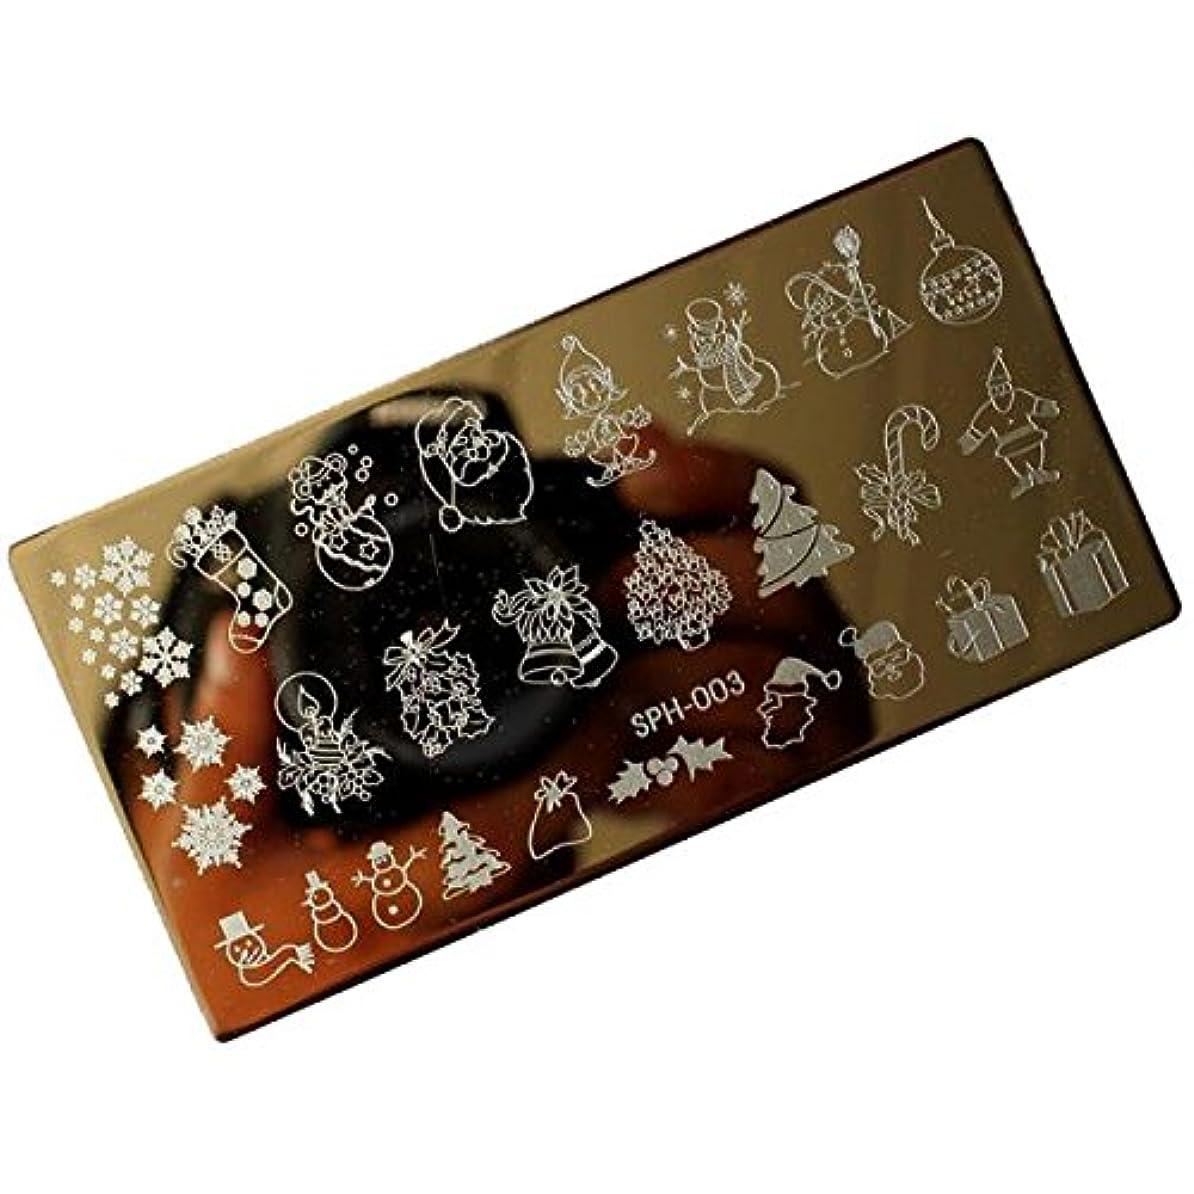 ラショナル顕著中央値[ルテンズ] スタンピングプレートセット 花柄 クリスマス ネイルプレート ネイルアートツール ネイルプレート ネイルスタンパー ネイルスタンプ スタンプネイル ネイルデザイン用品